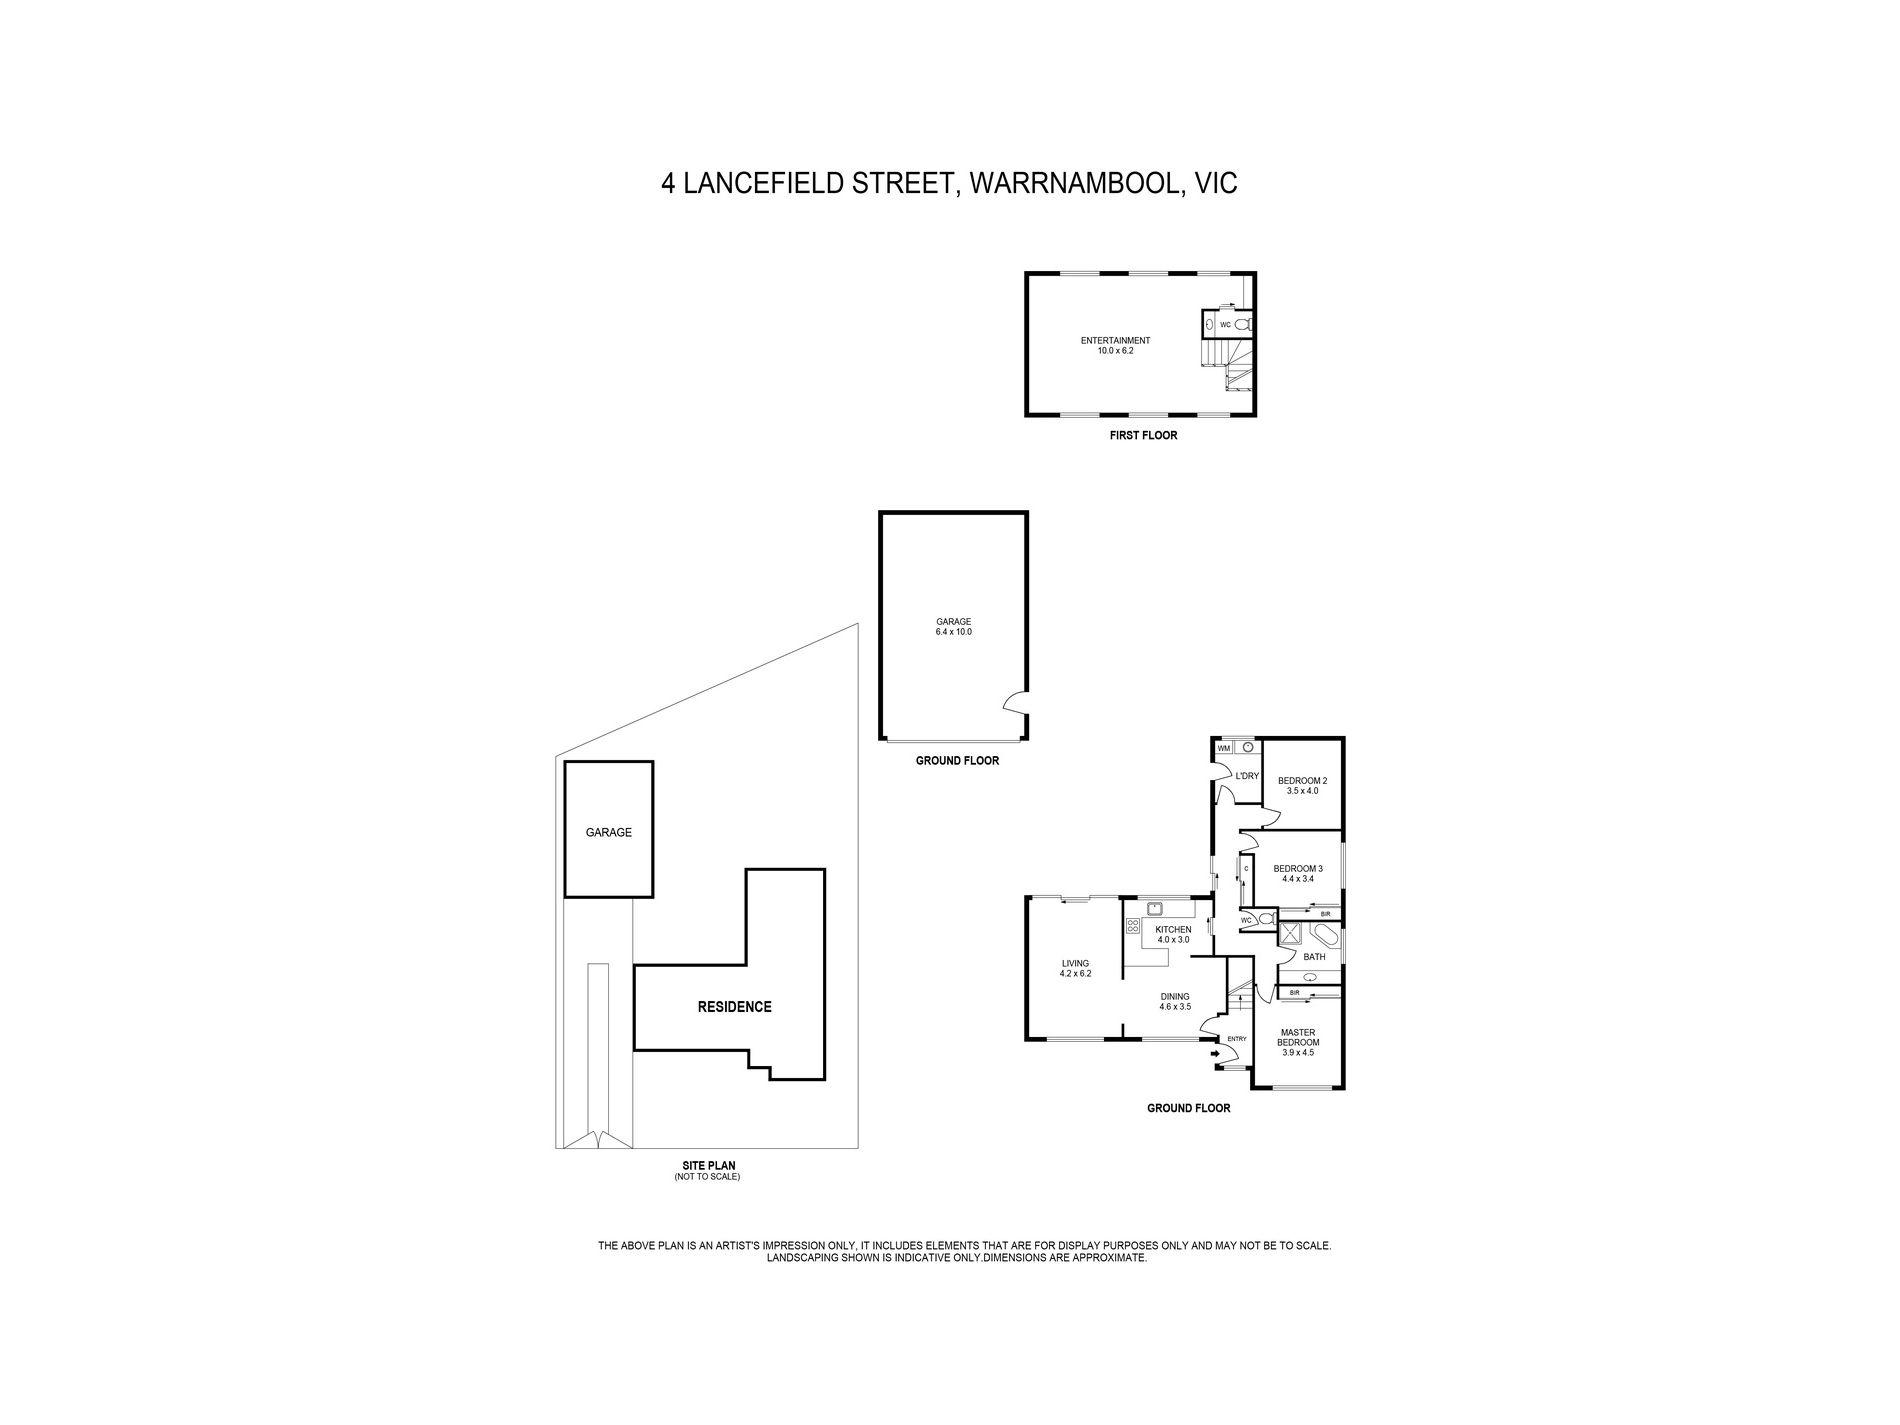 4 Lancefield Street, Warrnambool